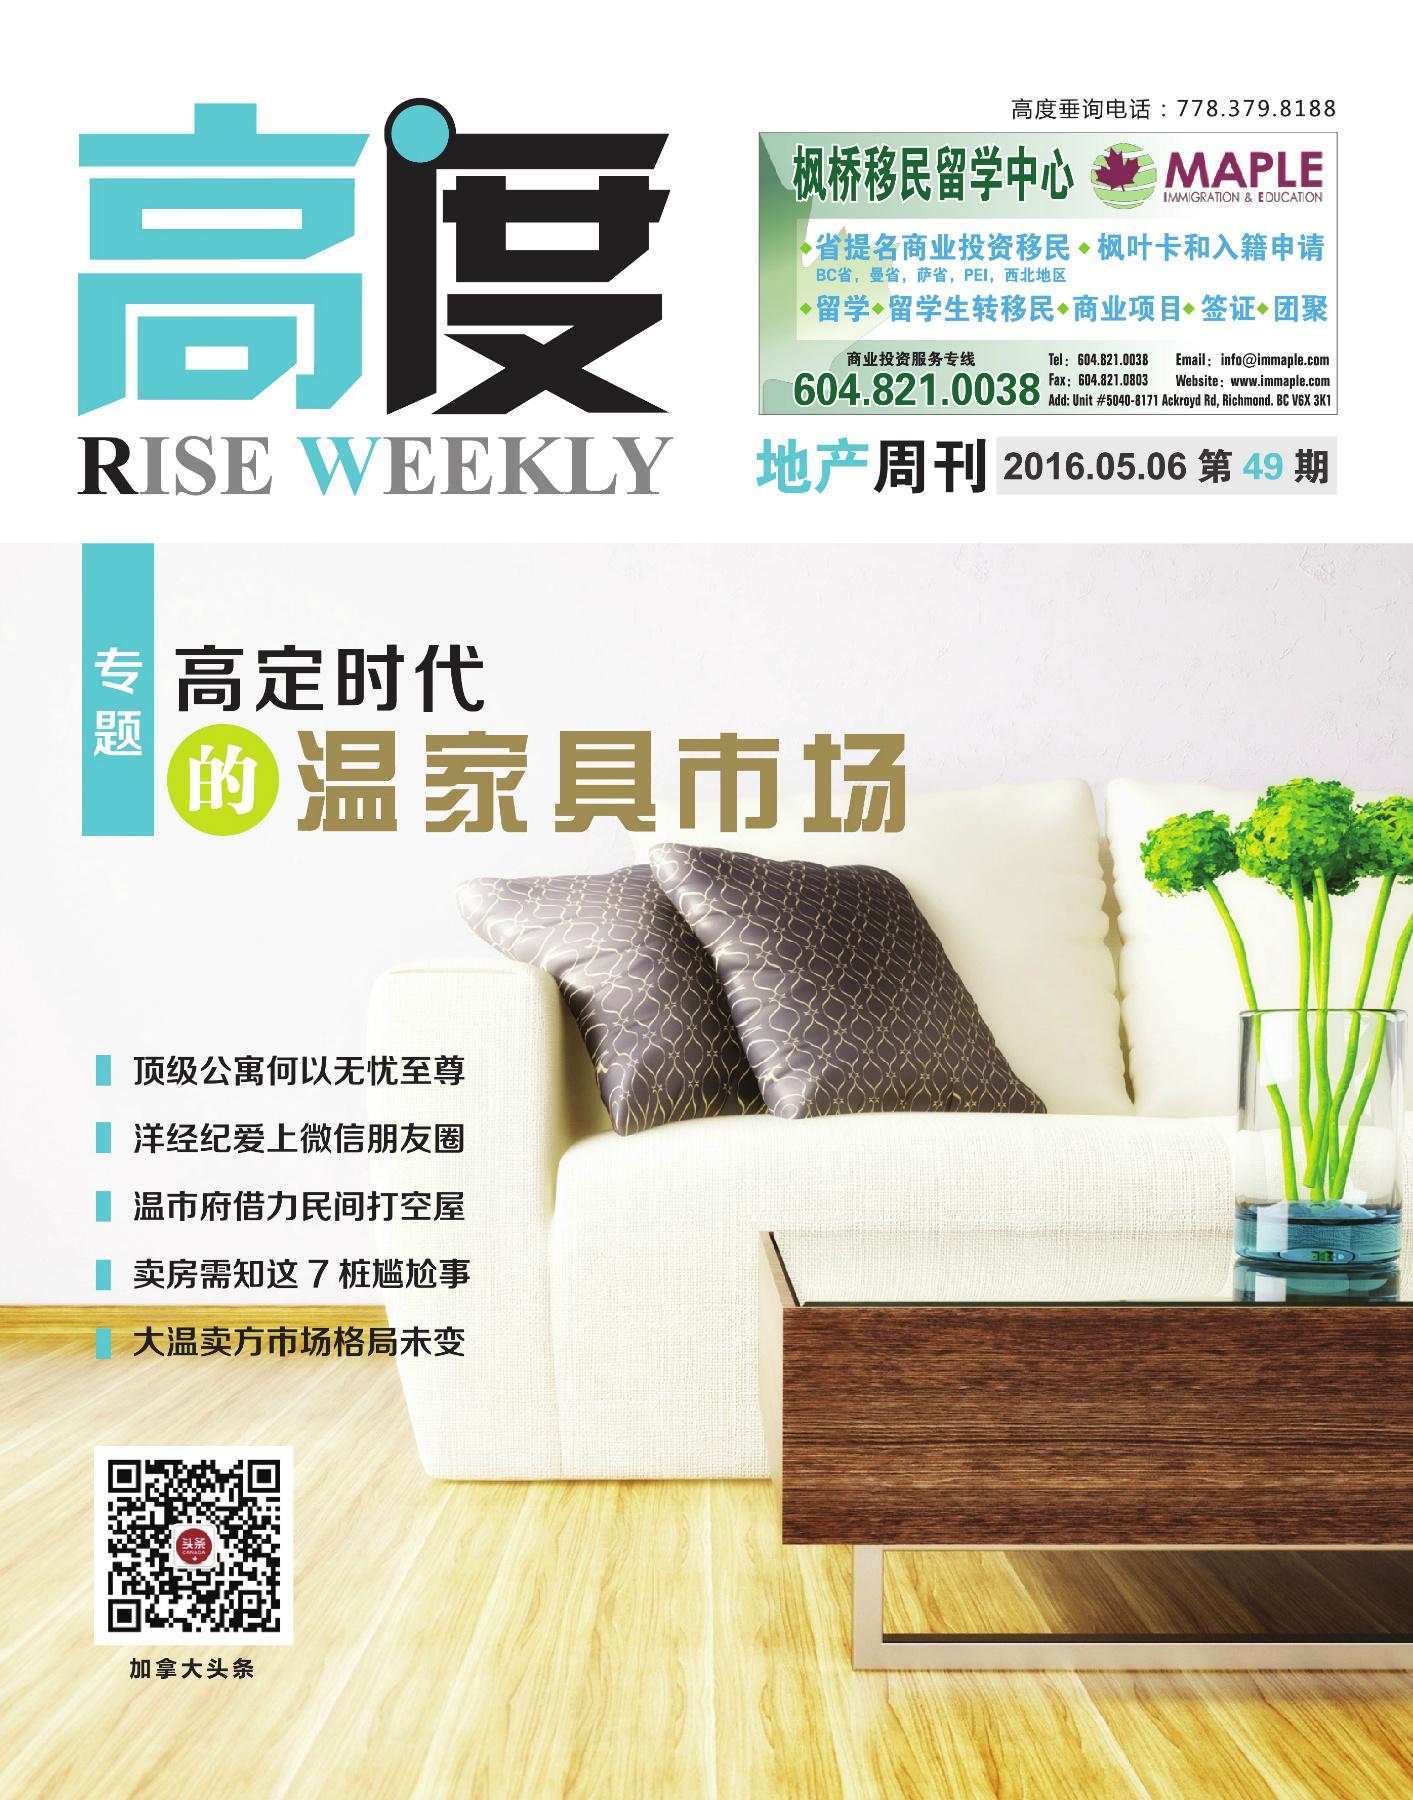 高度地产周刊 2016年05月06日 第49期